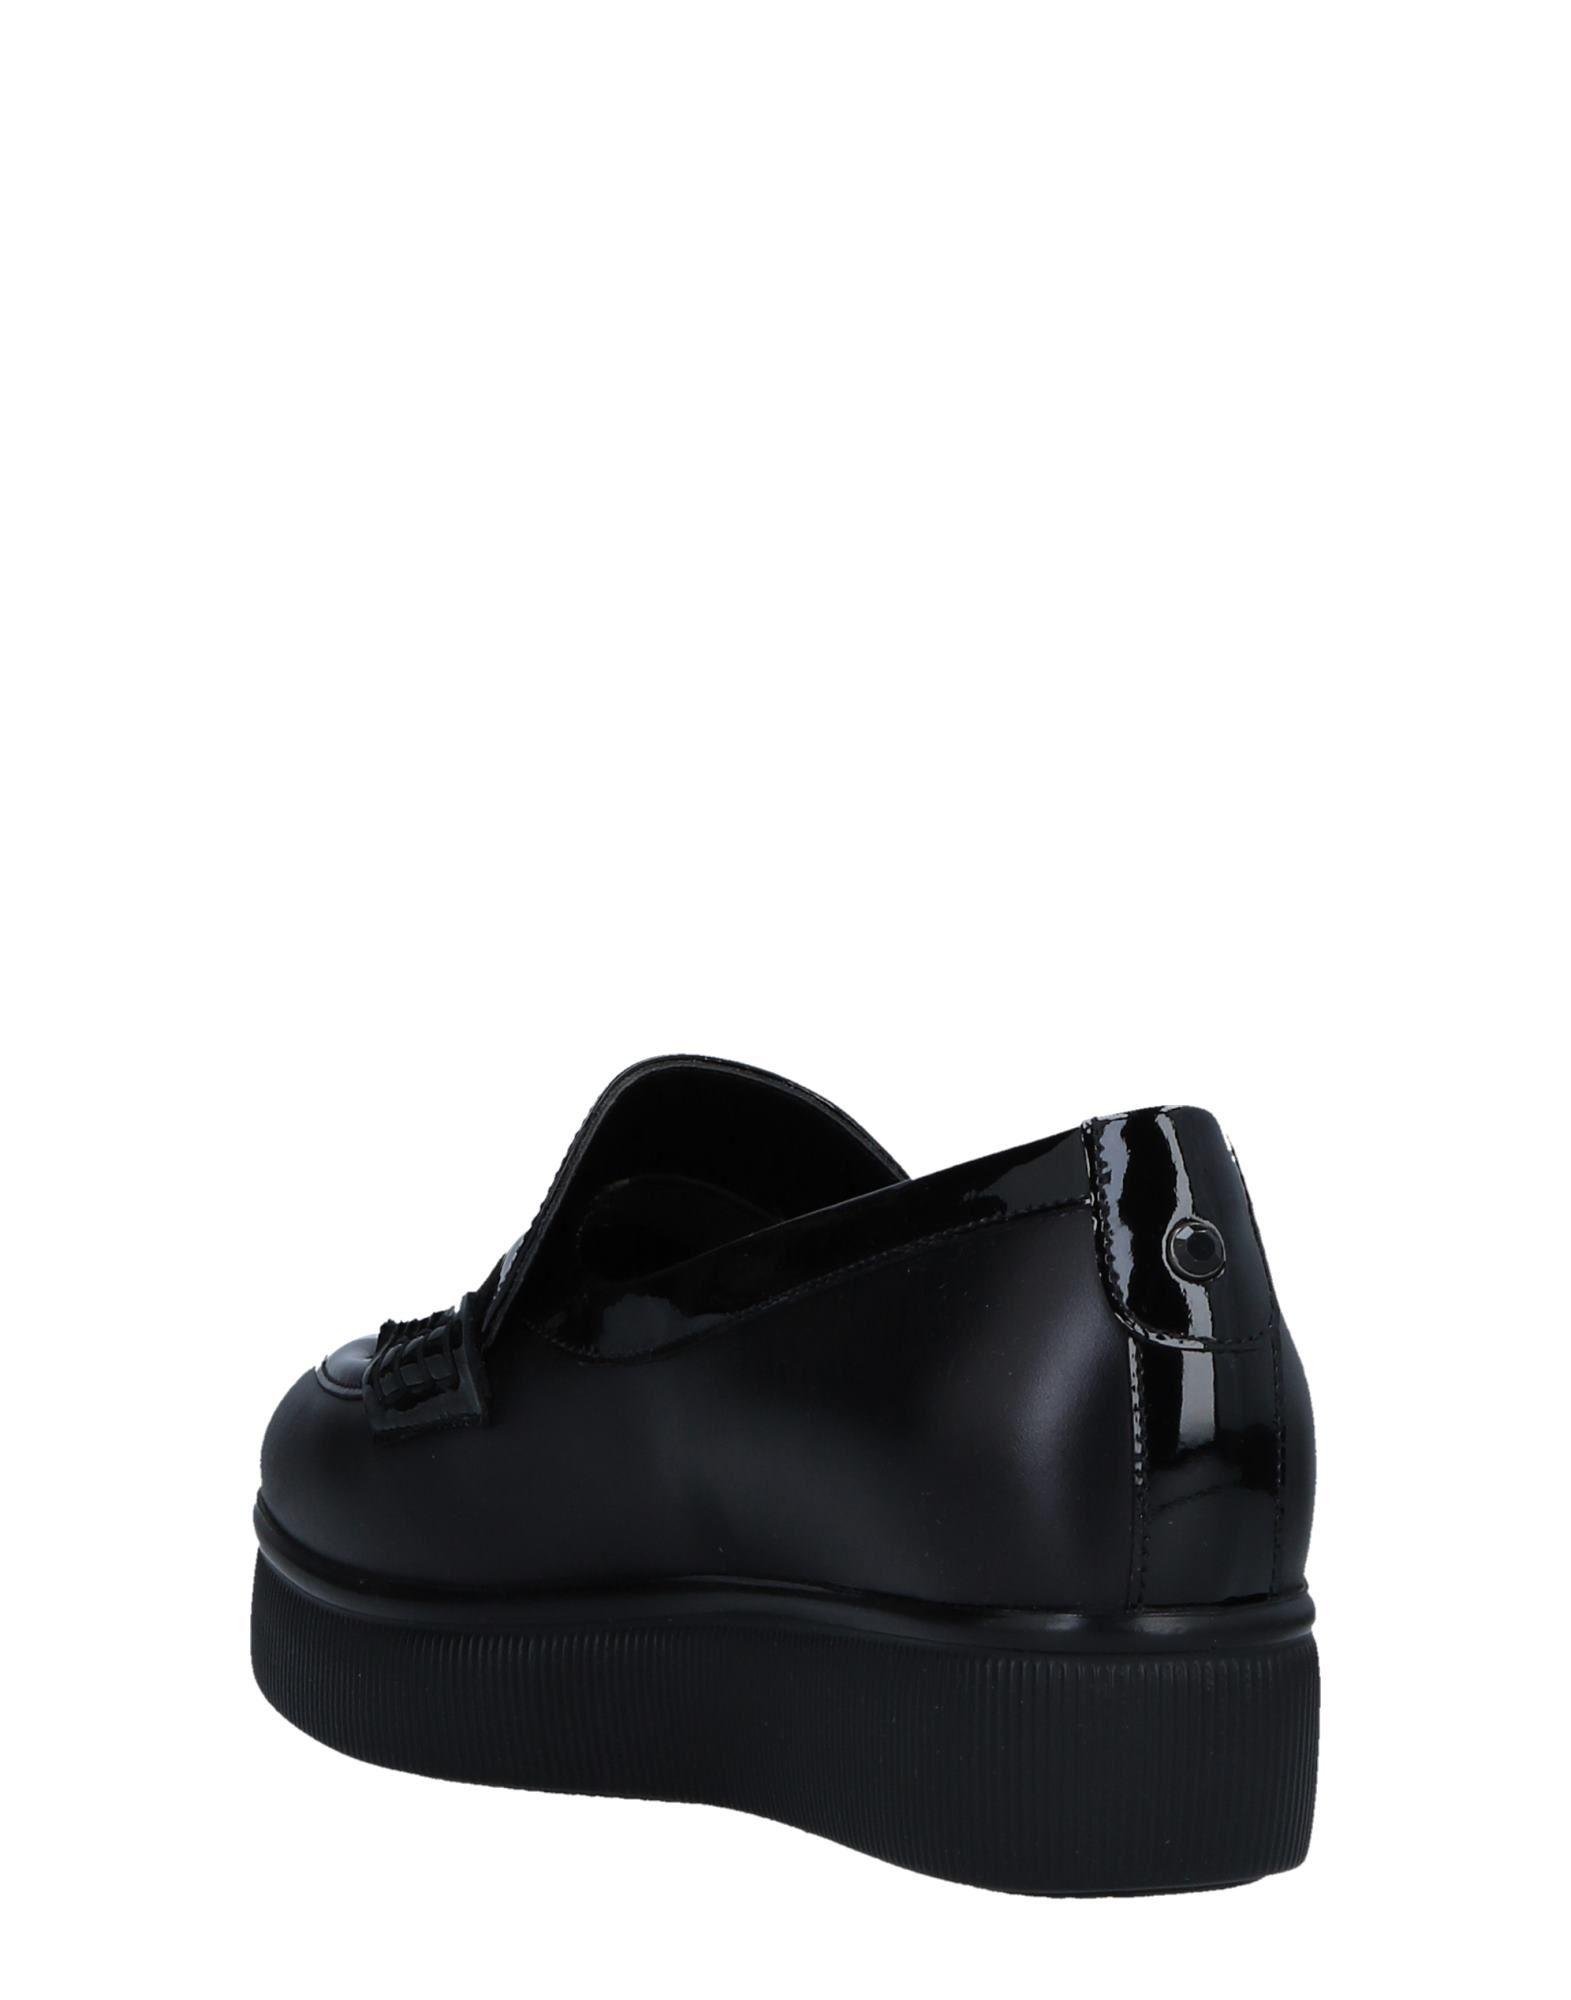 Veronica Schuhe Lai Mokassins Damen  11514649FL Gute Qualität beliebte Schuhe Veronica 920533